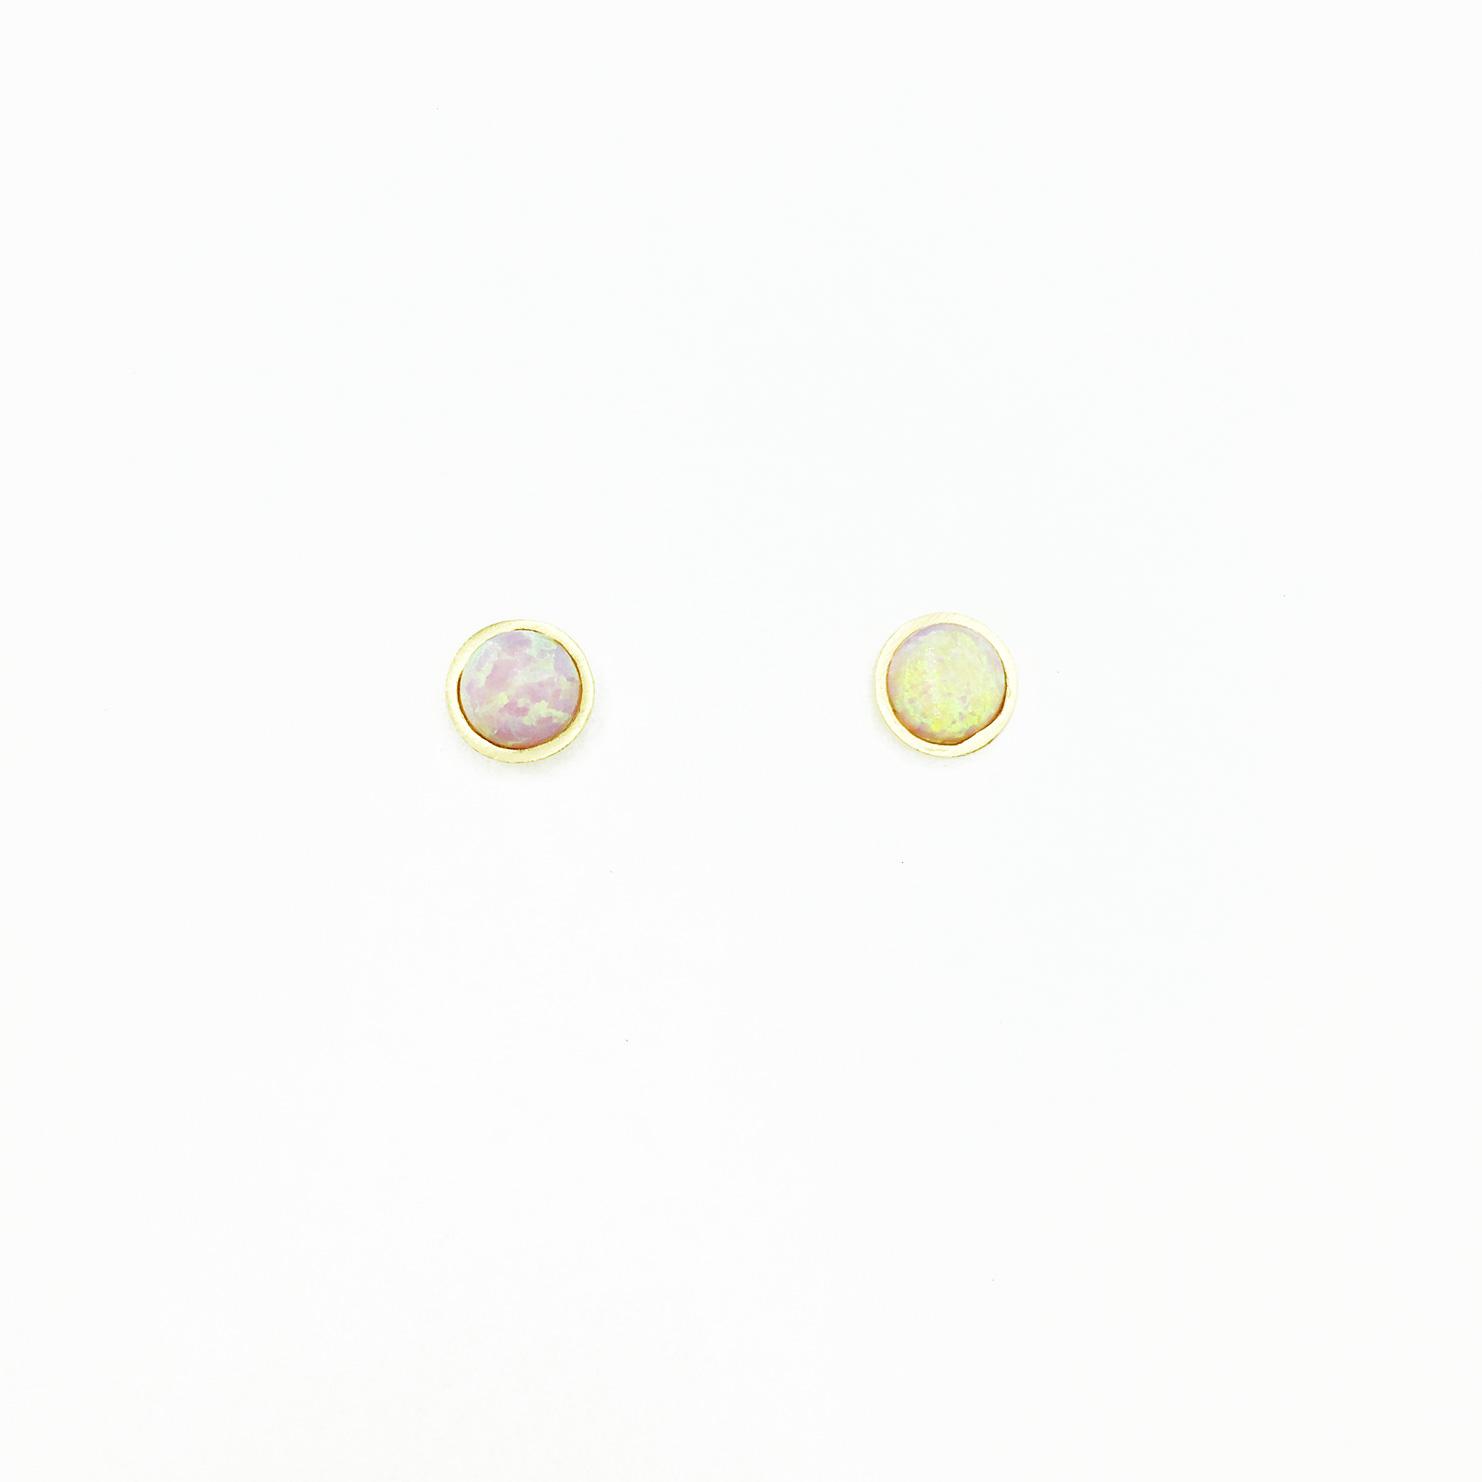 韓國 925純銀 圓 金邊 簡約 耳針式耳環